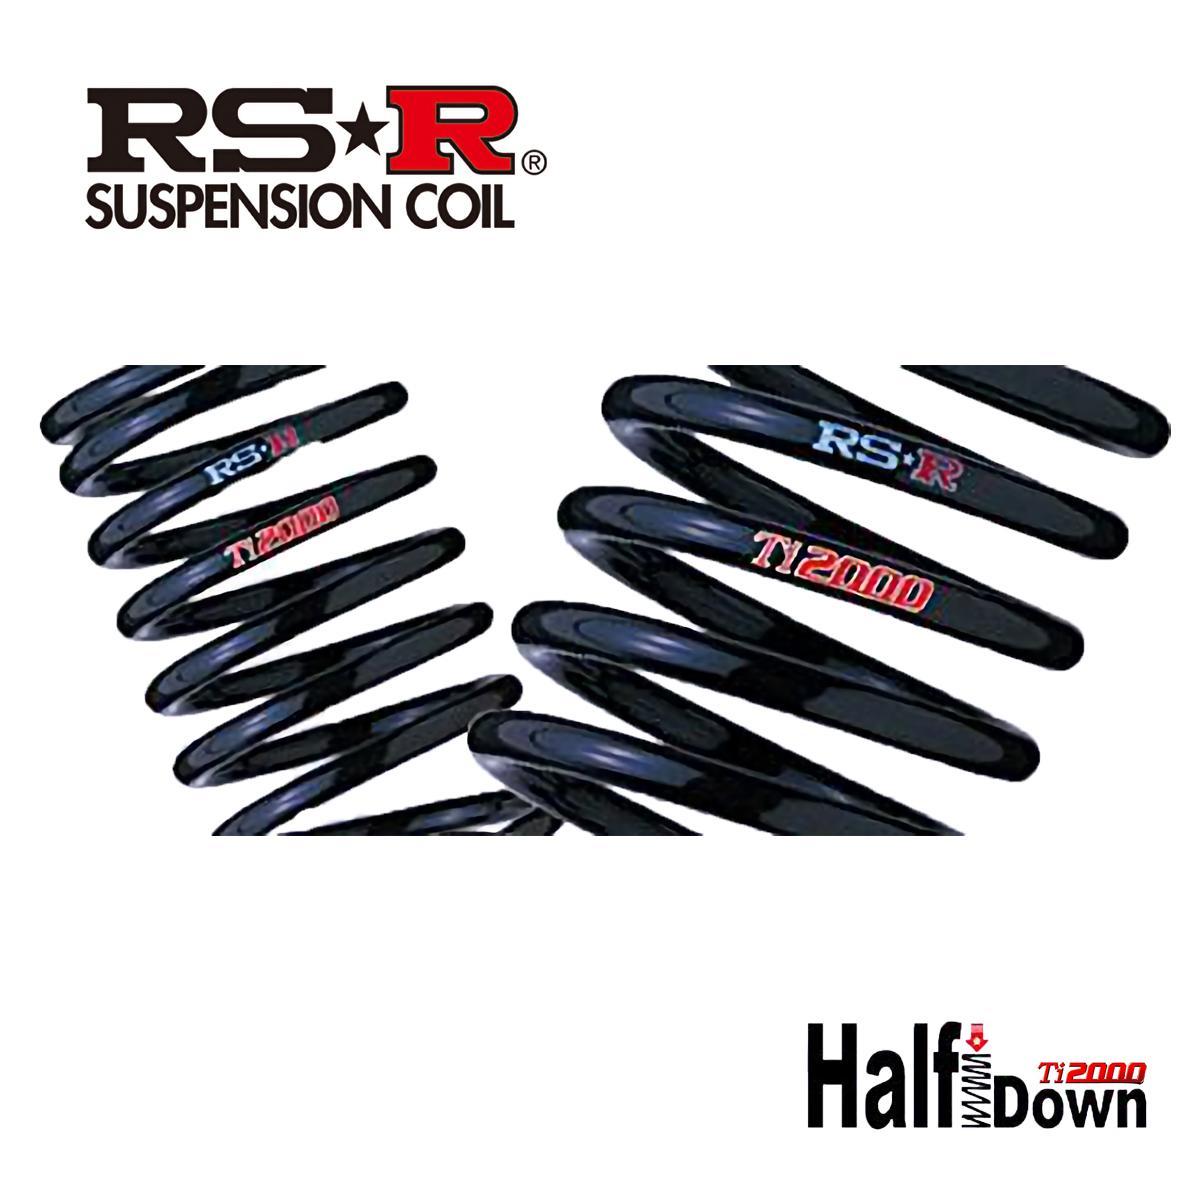 RS-R CX-8 XD Lパッケージ KG2P ダウンサス スプリング 1台分 M302THD Ti2000 ハーフダウン RSR 個人宅発送追金有